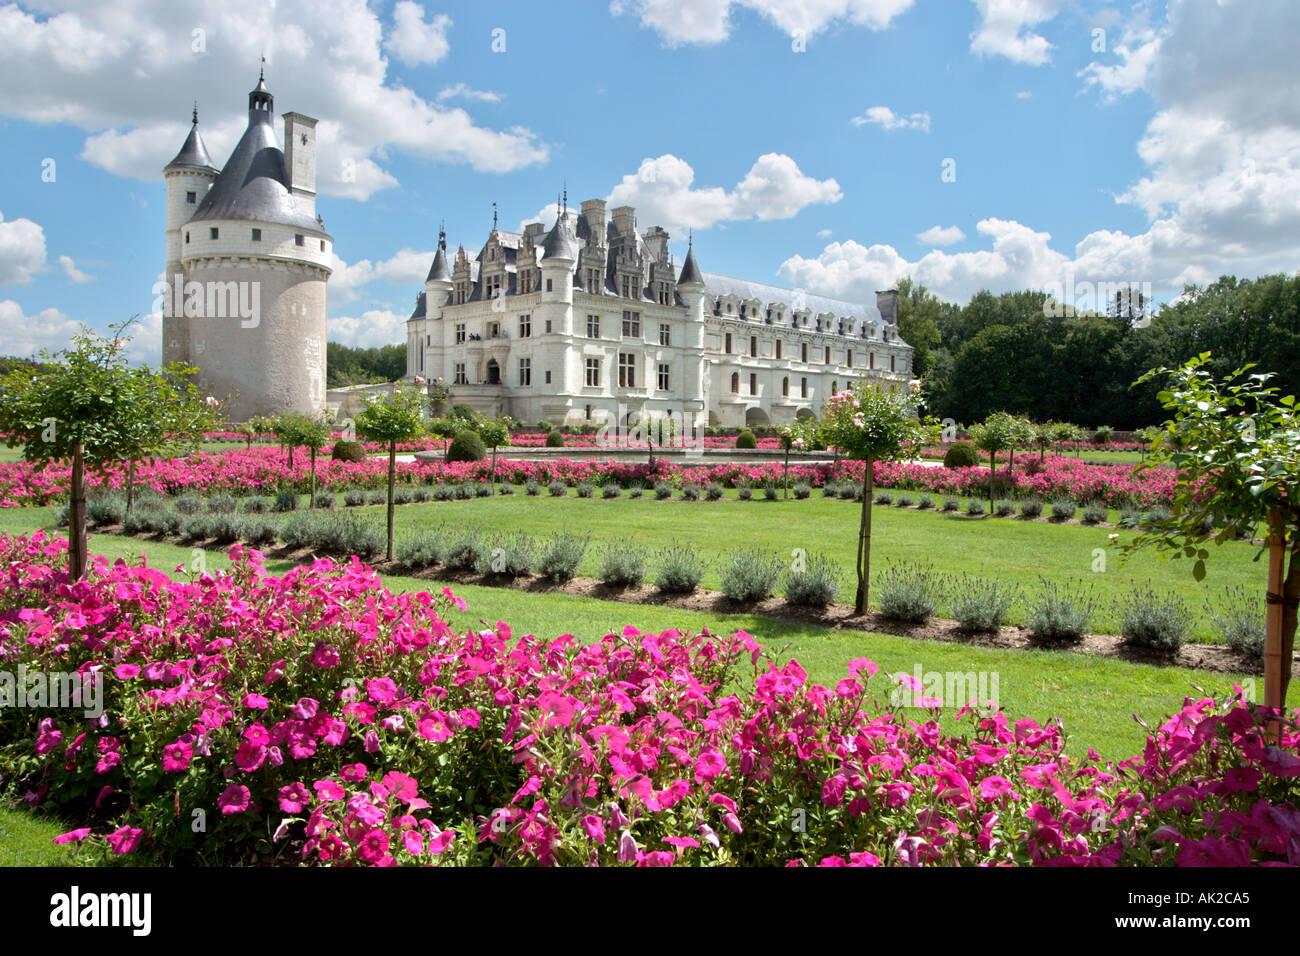 Château de Chenonceau y sus jardines, el Valle del Loira, Francia Imagen De Stock